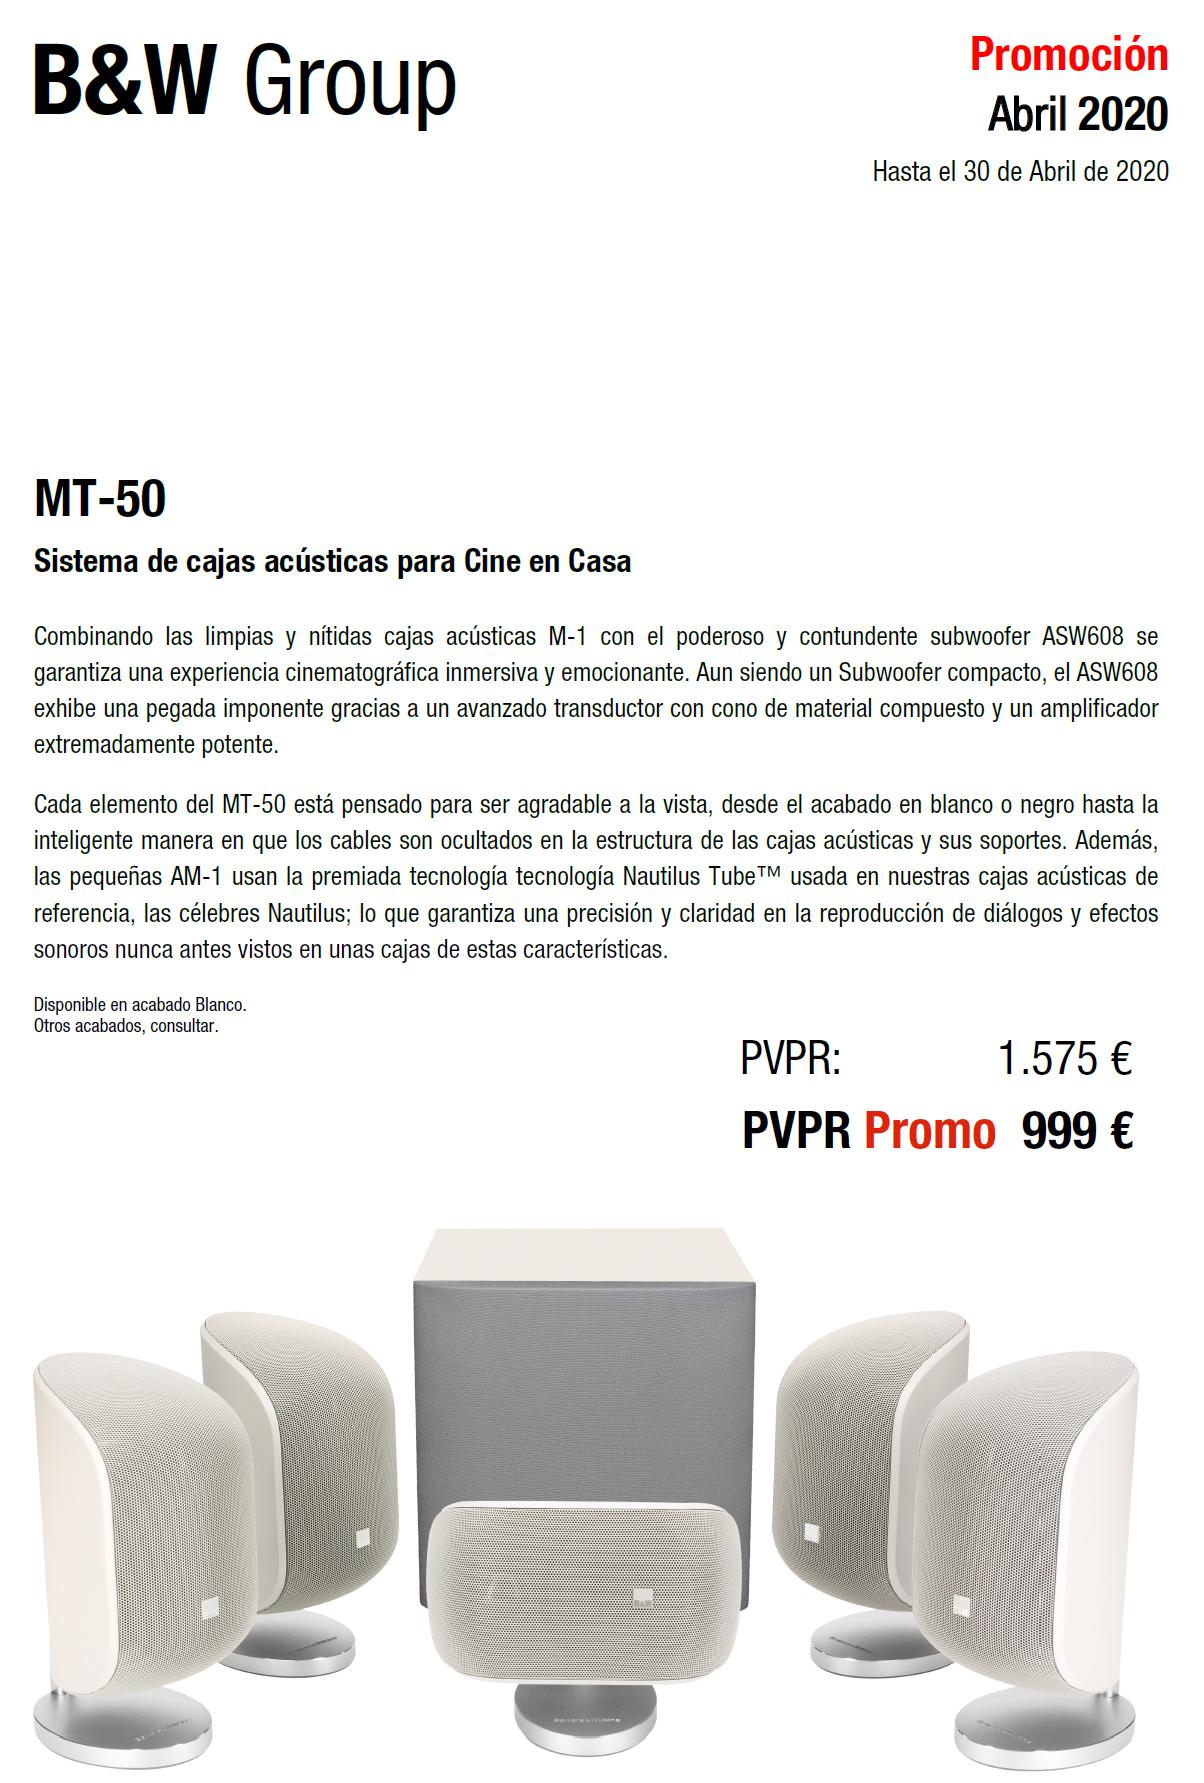 oferta-bw-mt50-abril-2020